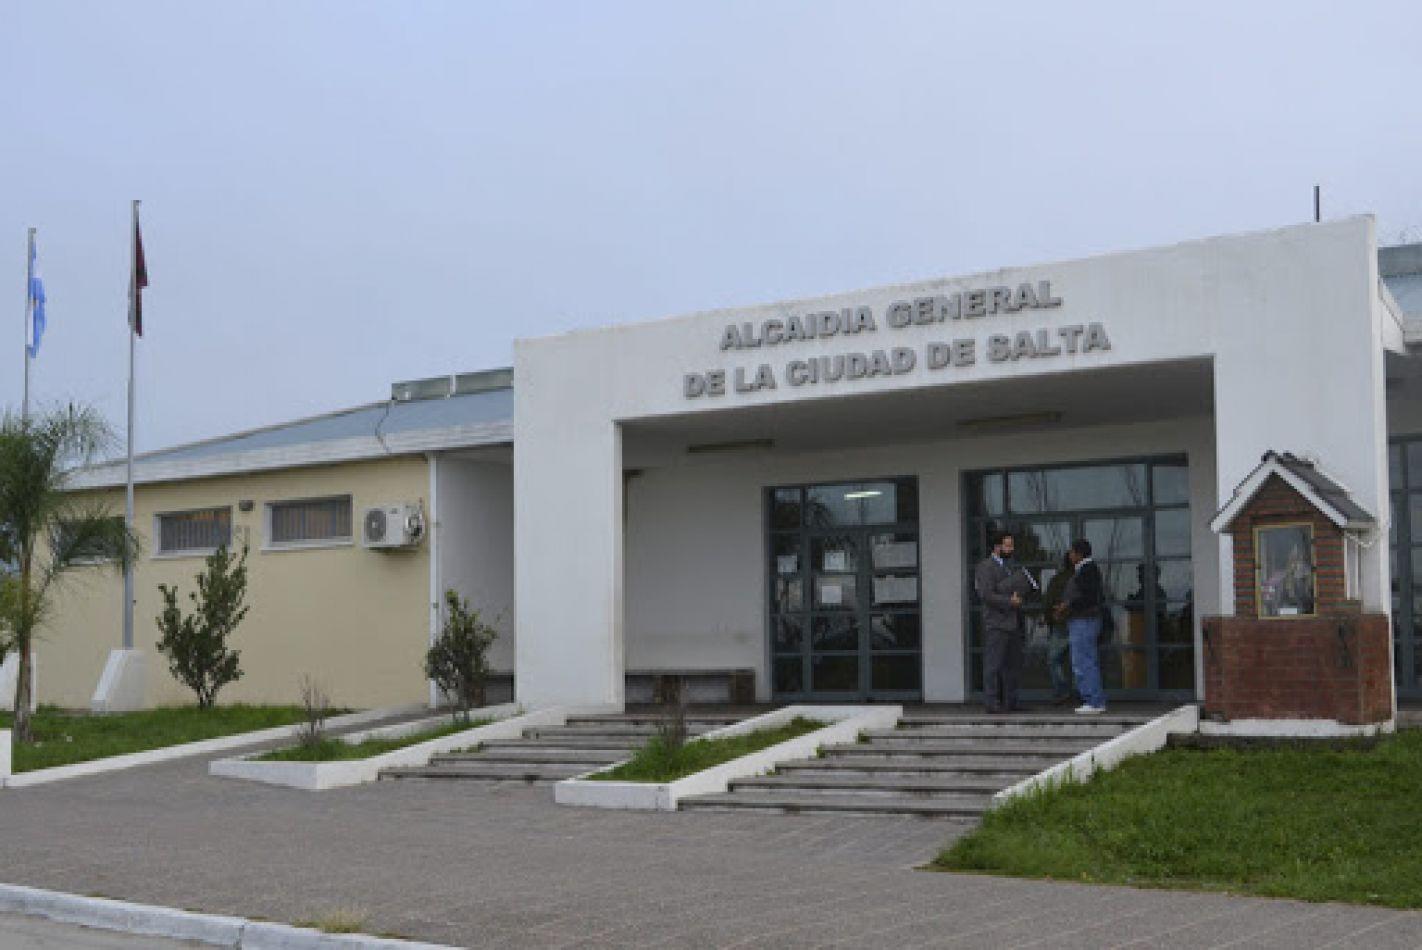 Seis años de prisión para el joven que abusó de una menor en una fiesta de fin de año en el predio Gauchos de Güemes